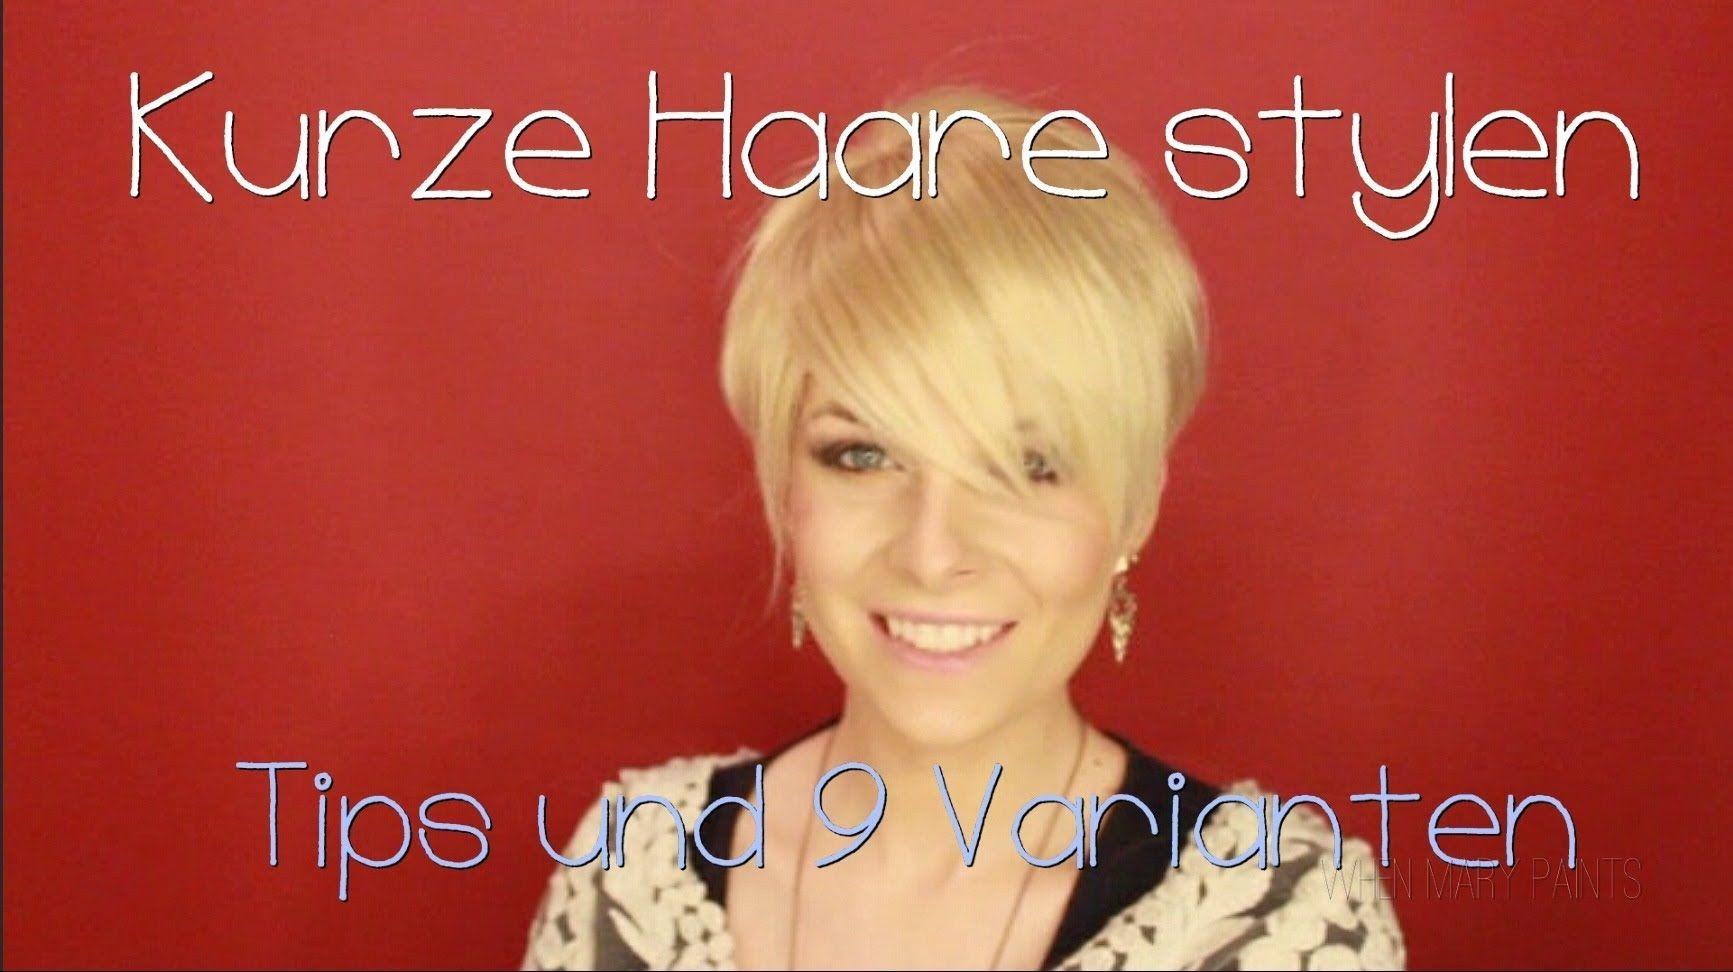 KURZE HAARE STYLEN • Miley Cyrus Pink Haarschnitt WhenMaryPaints